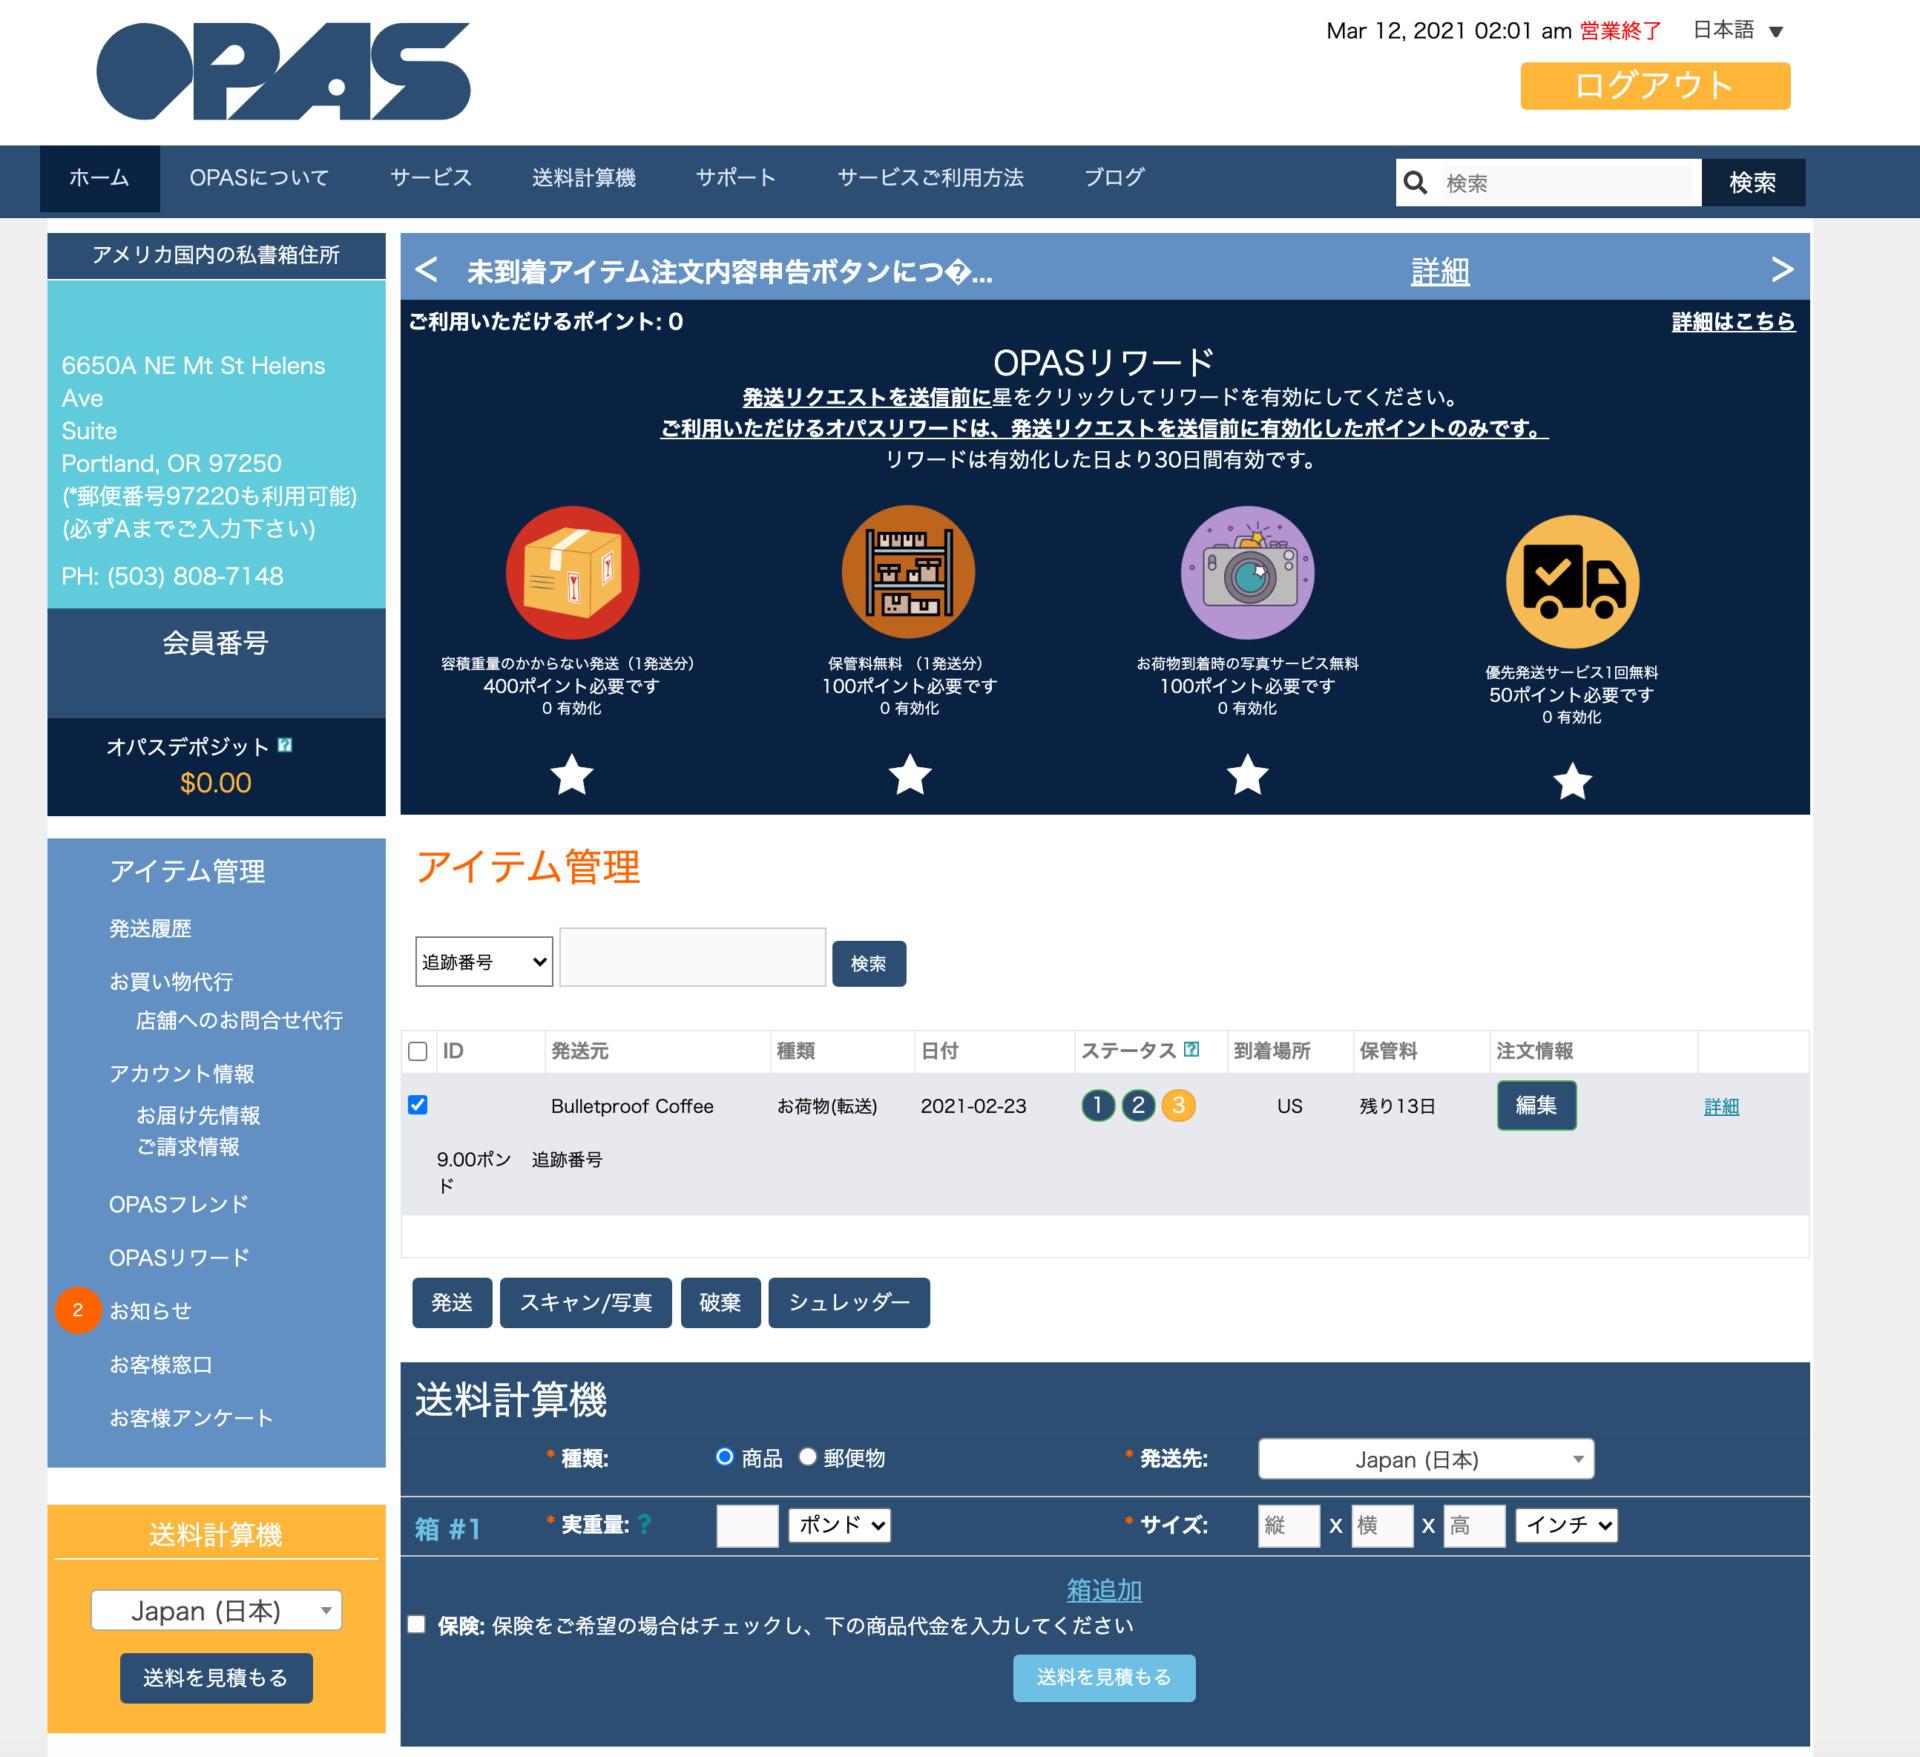 海外転送サービスの「OPAS オパス」使い方を解説 送料の見積もり